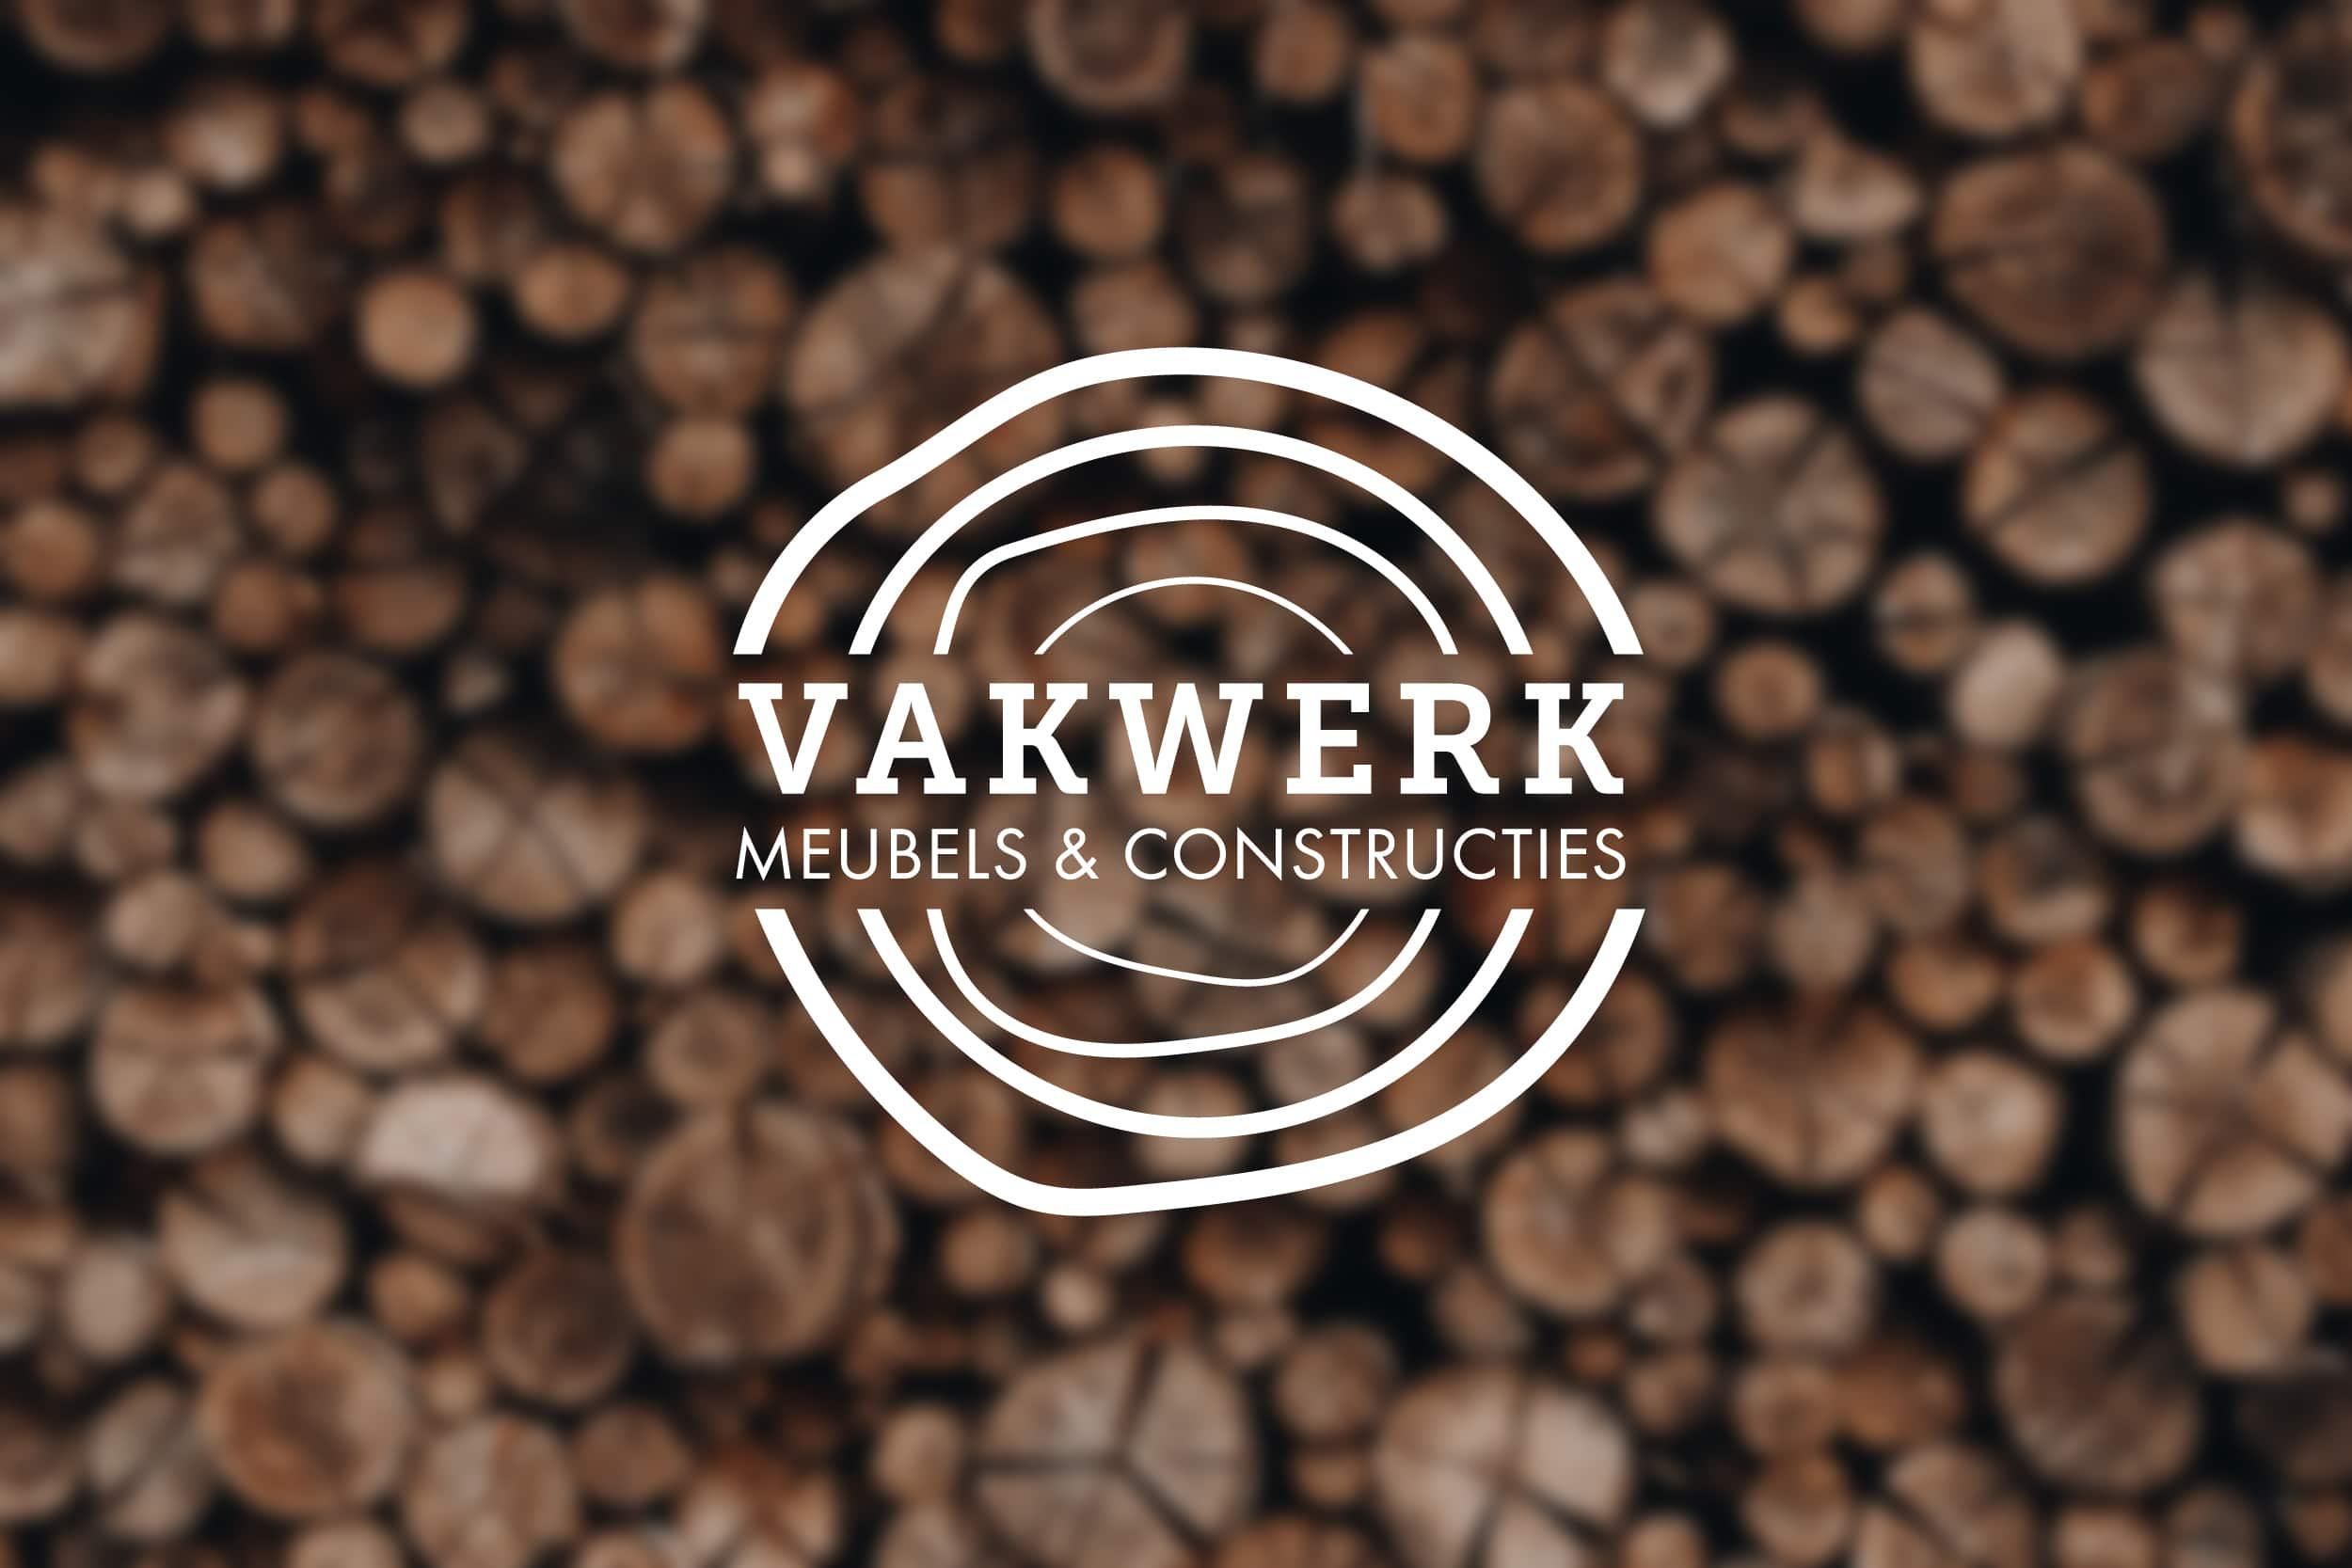 vakwerk logo